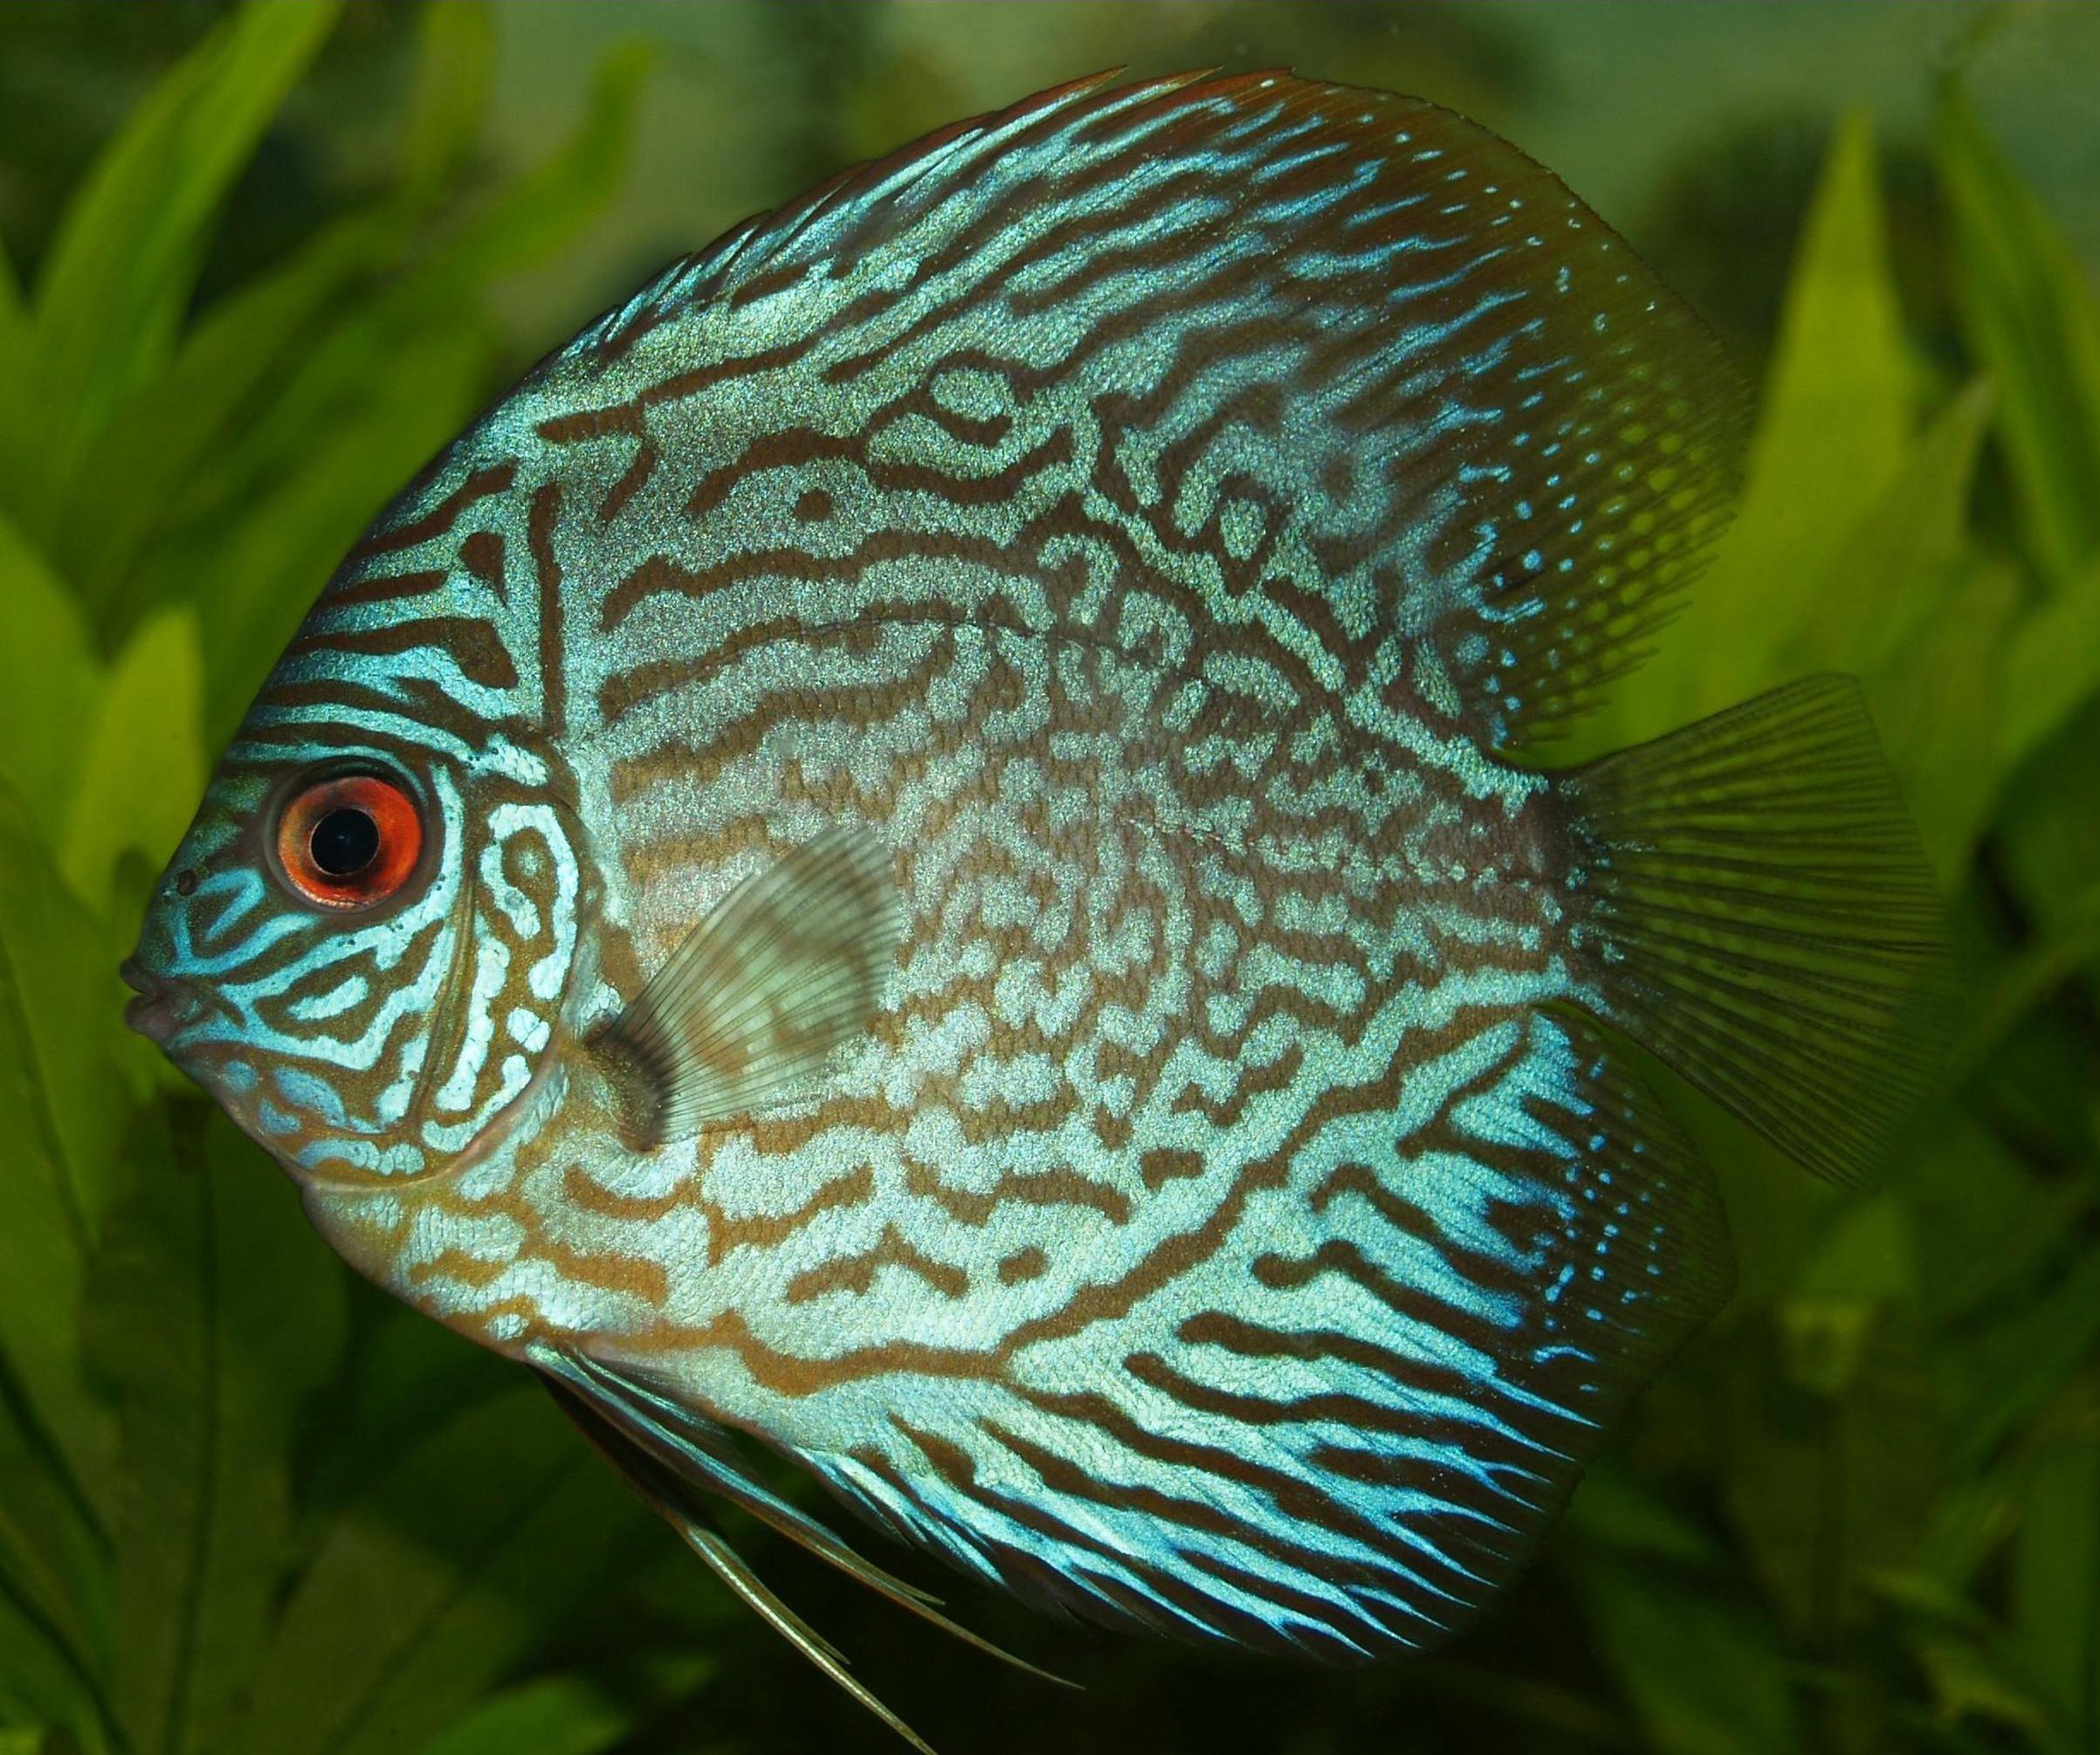 Types Of Discus Fish Discus (fish)